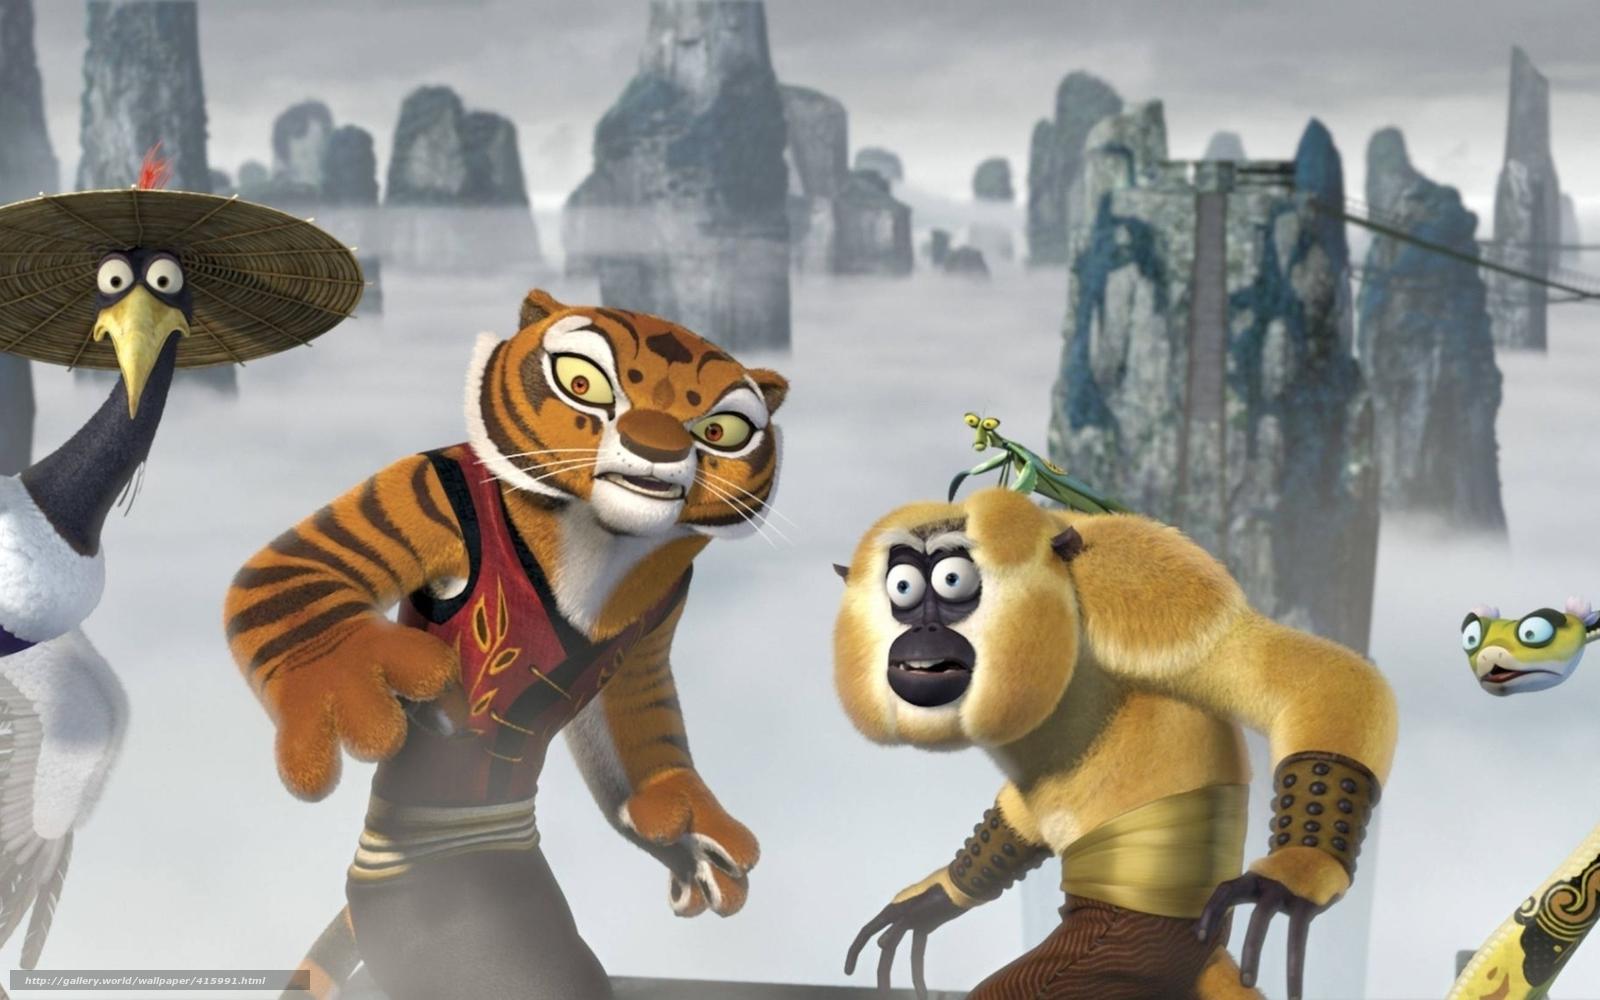 Tlcharger fond d 39 ecran kung fu panda furious five grue - Singe kung fu panda ...